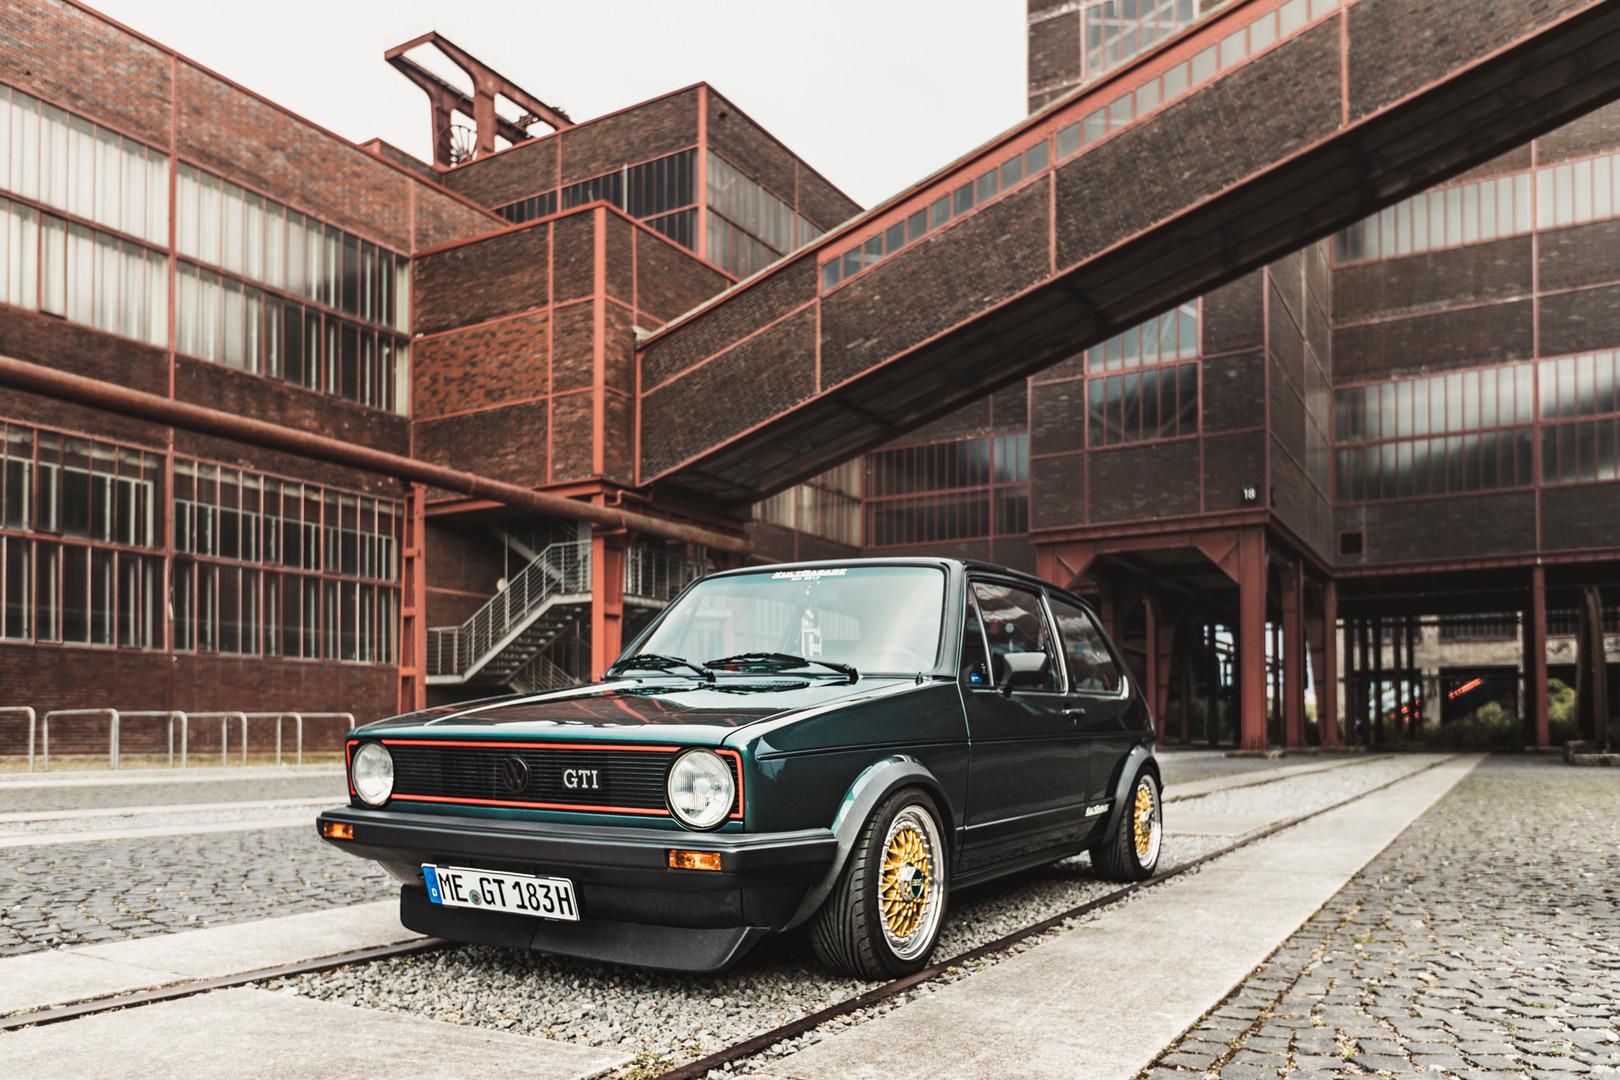 VW Golf 1 GTI - Zeche Zollverein / Essen